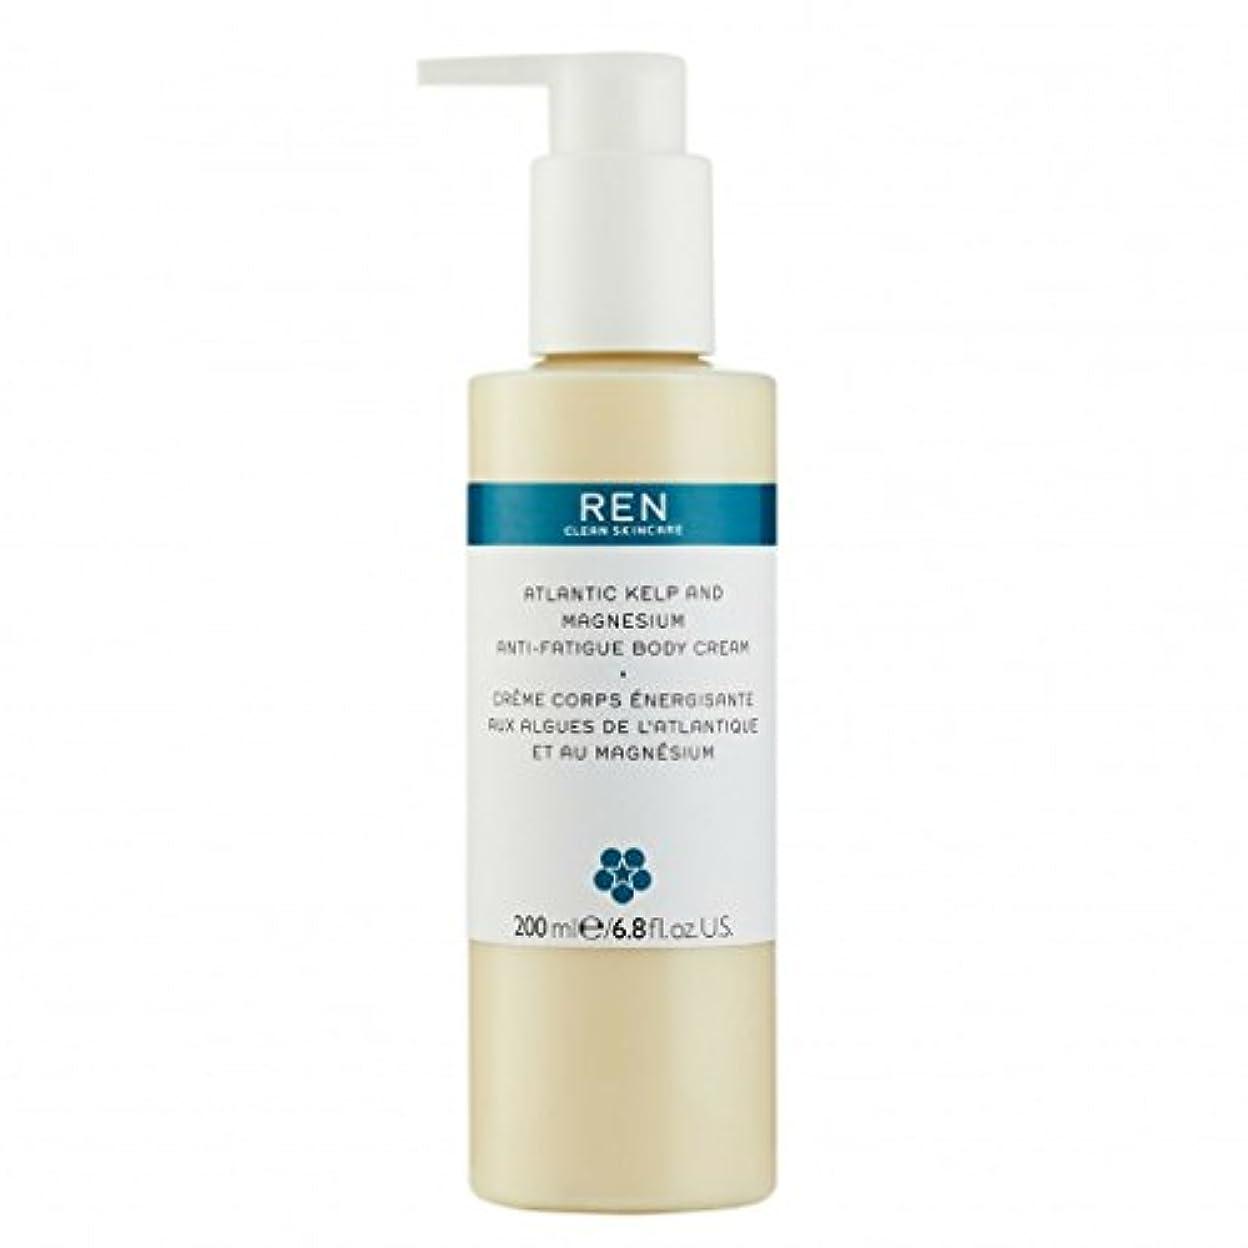 特徴盆地確認してくださいREN - Atlantic Kelp And Magnesium Anti-Fatigue Body Cream